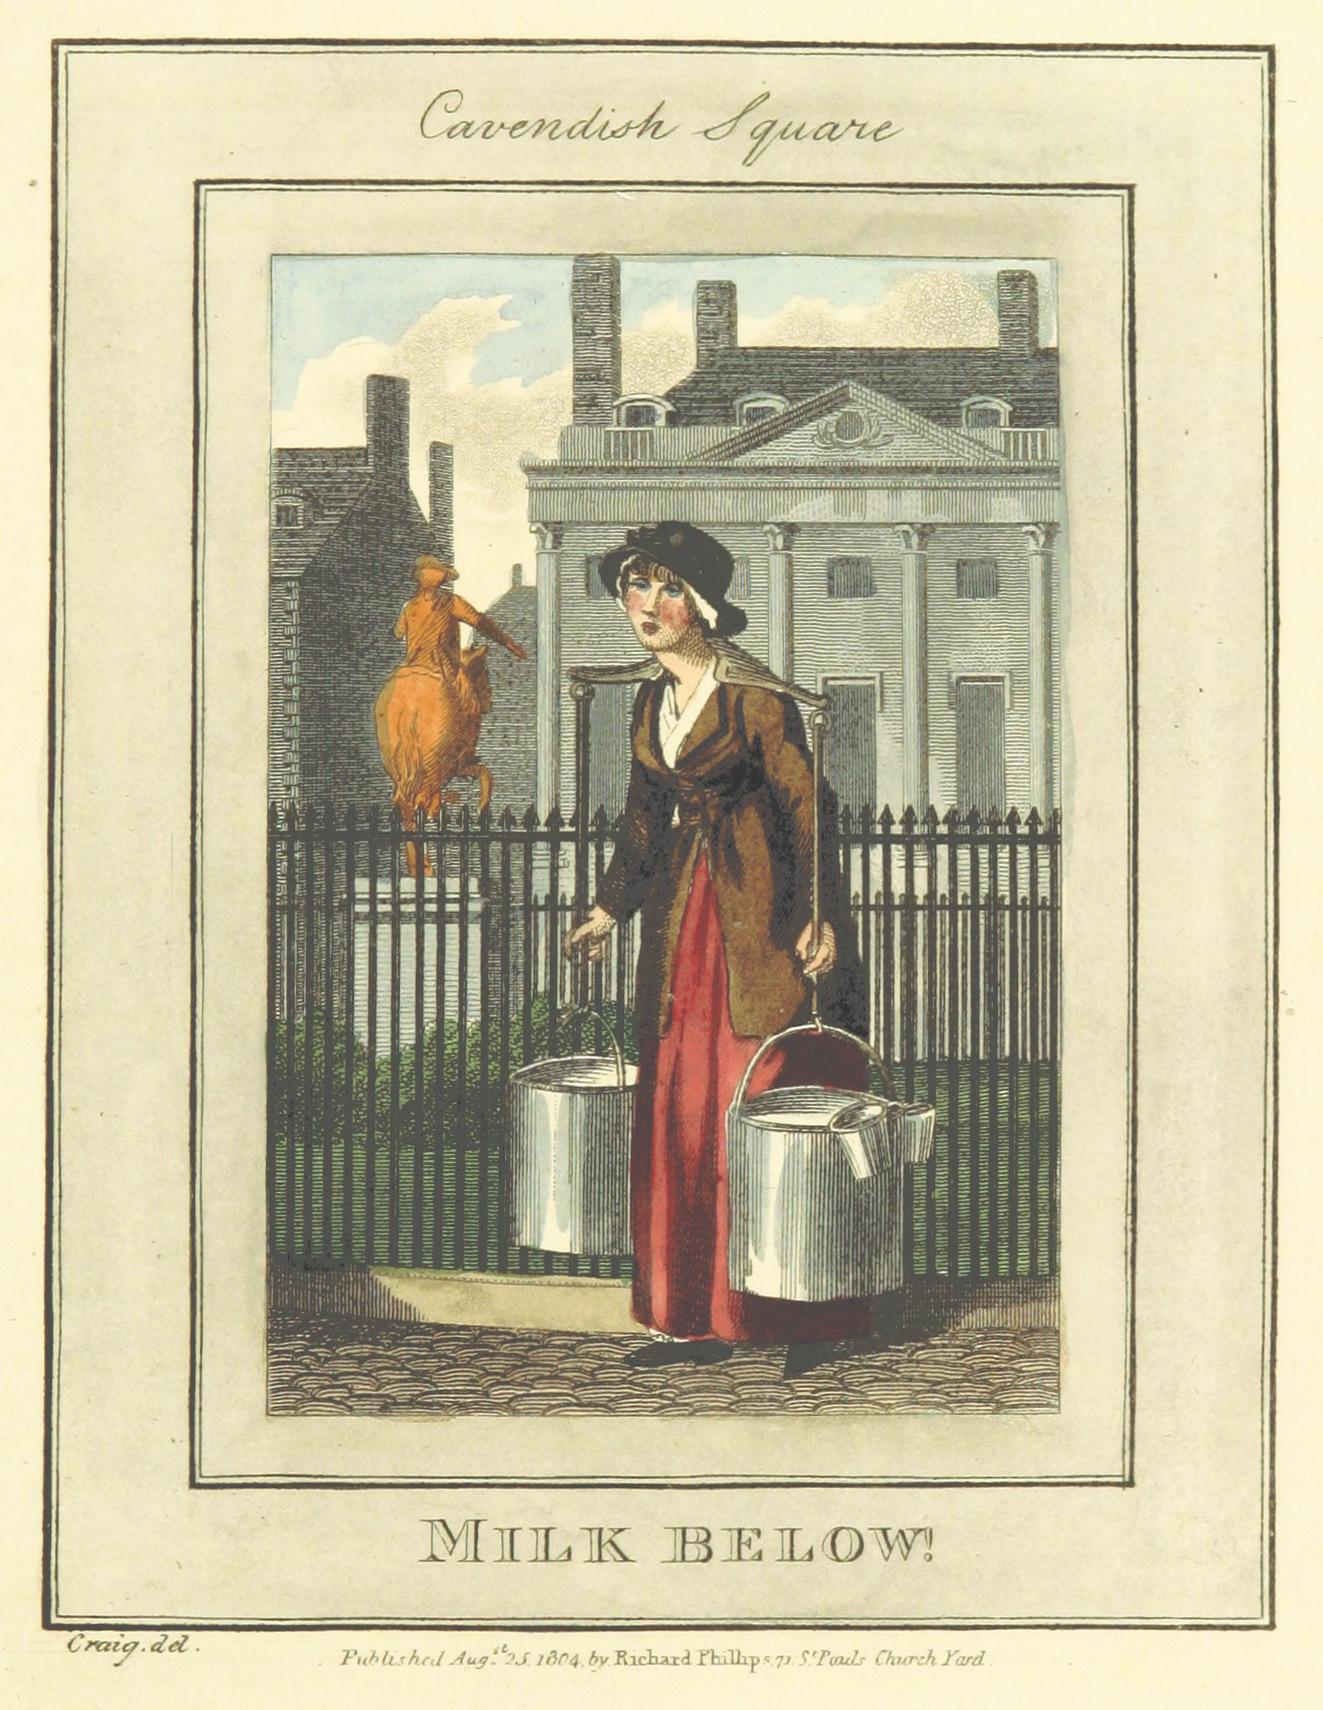 Phillips(1804)_p629_-_Cavendish_Square_-_Milk_Below!